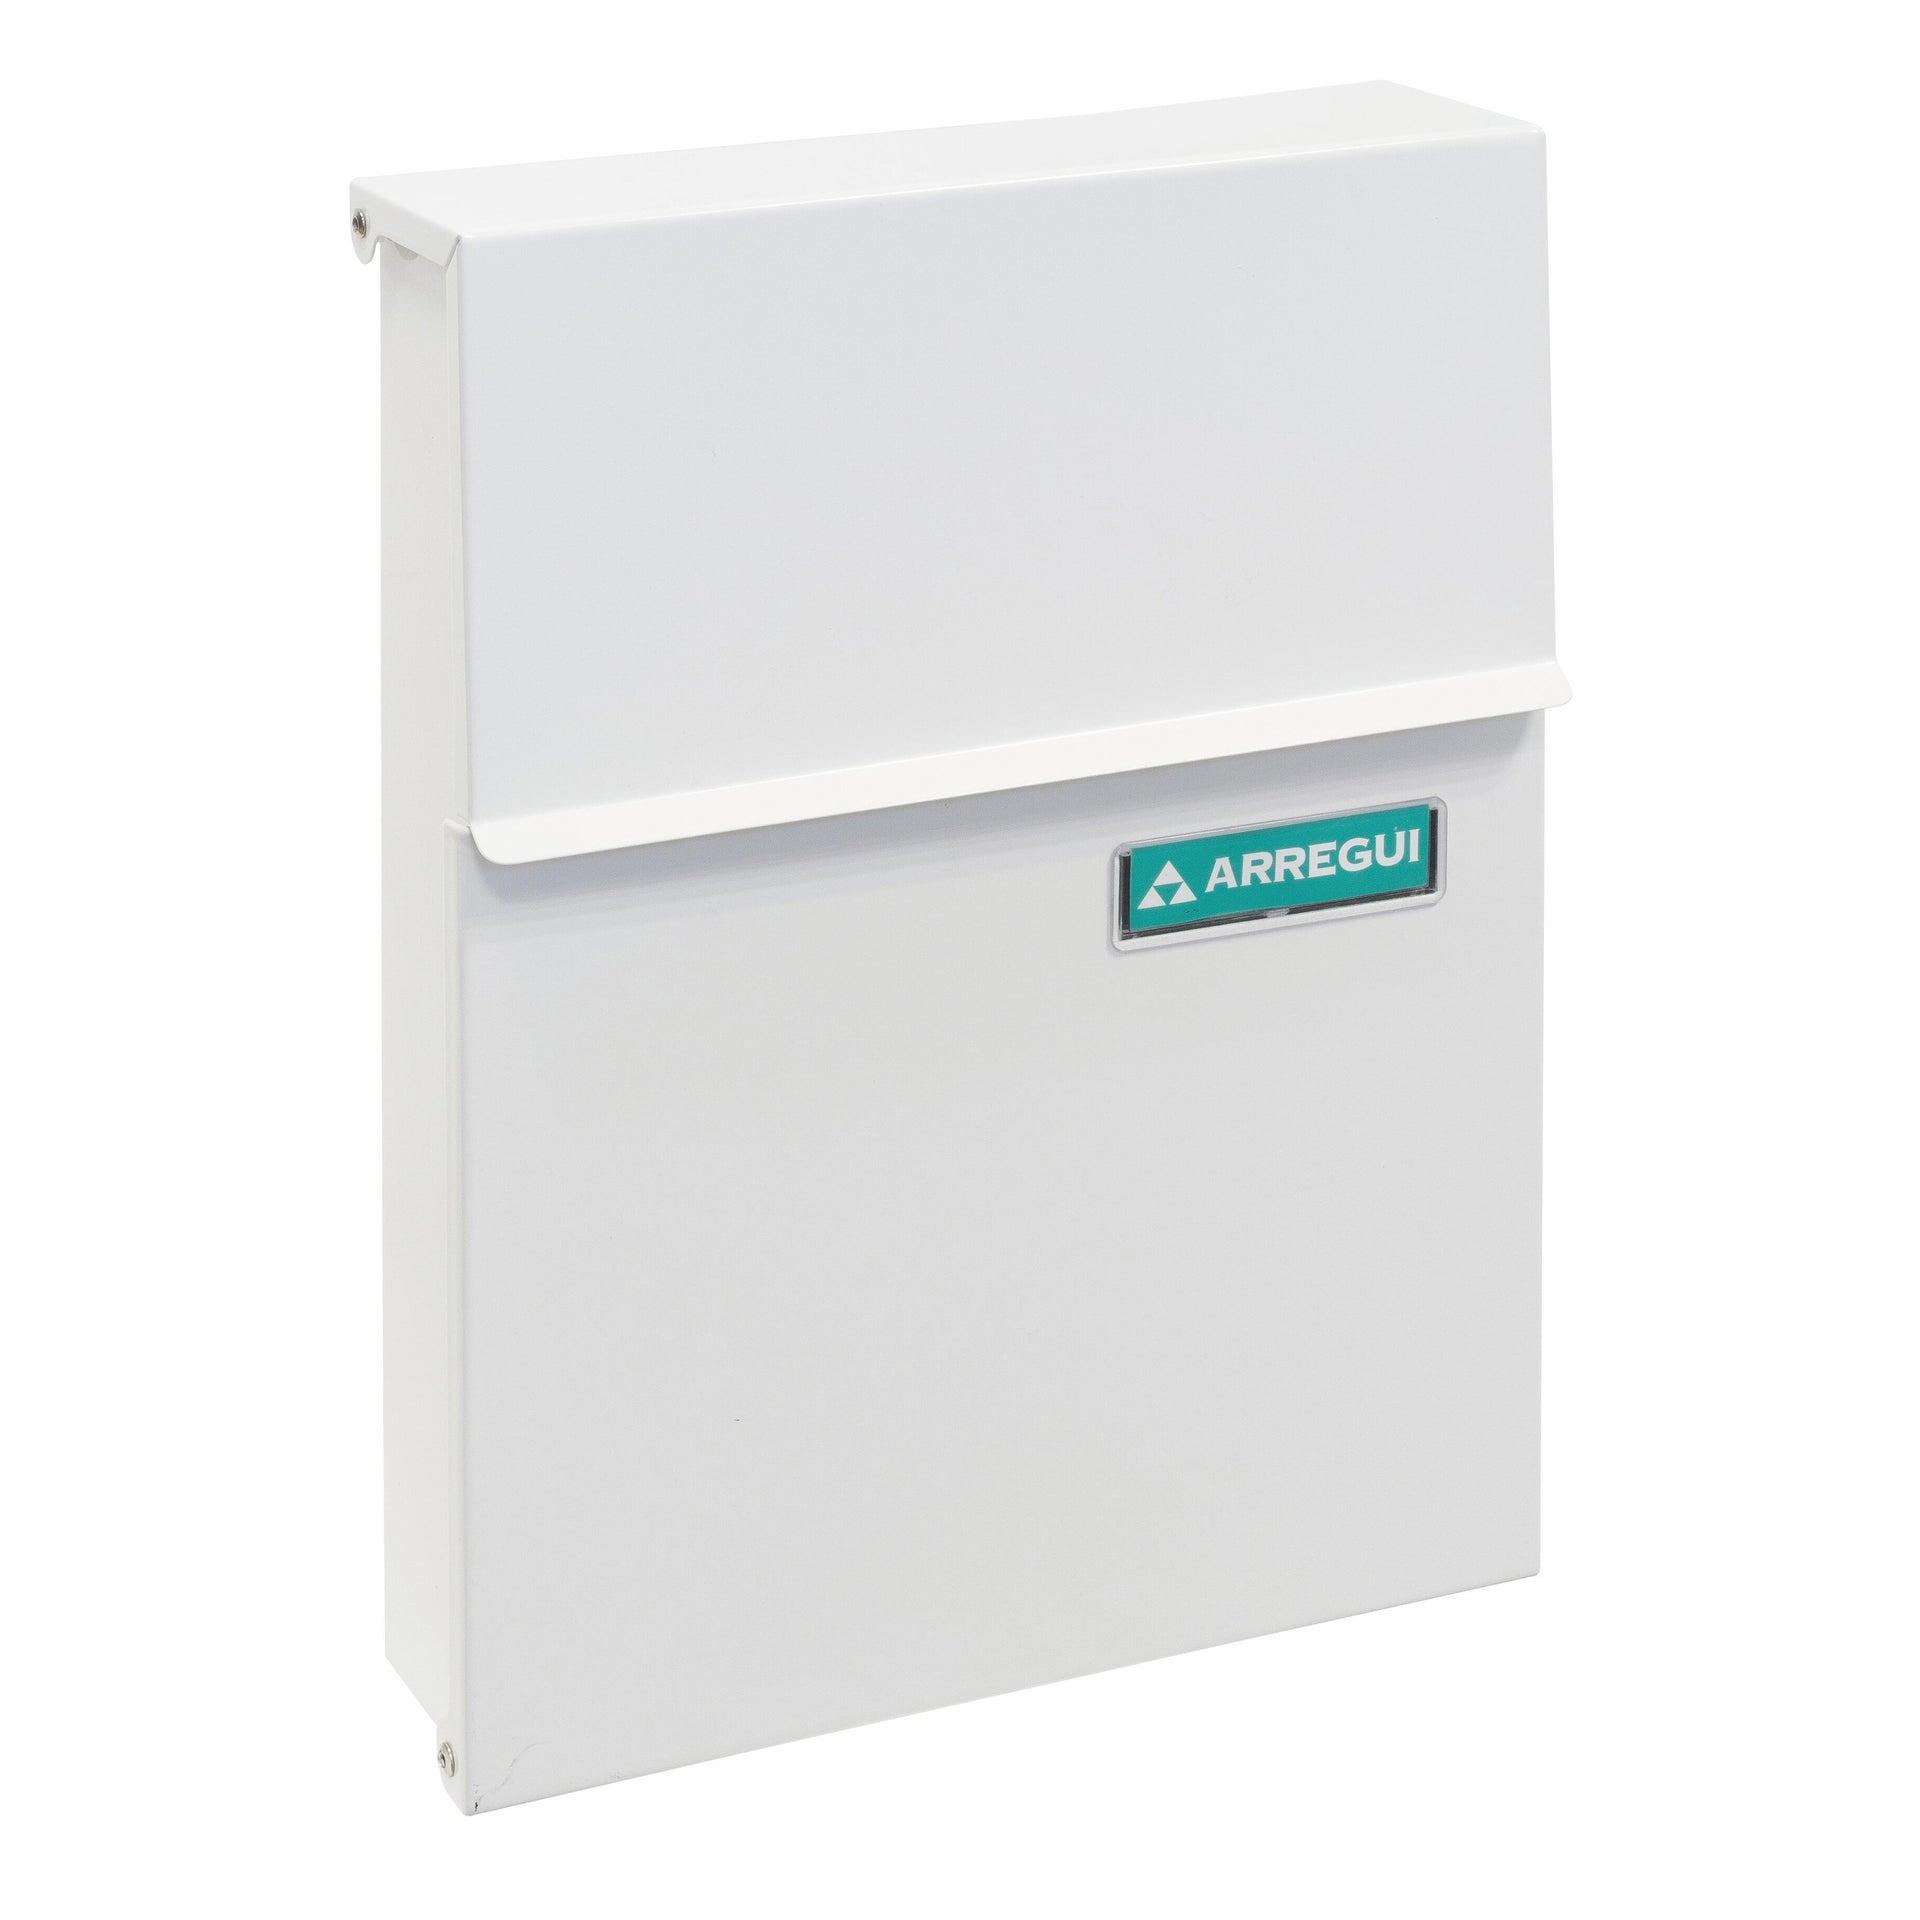 Cassetta postale ARREGUI formato Lettera, bianco, L 23 x P 0.65 x H 30.5 cm - 2